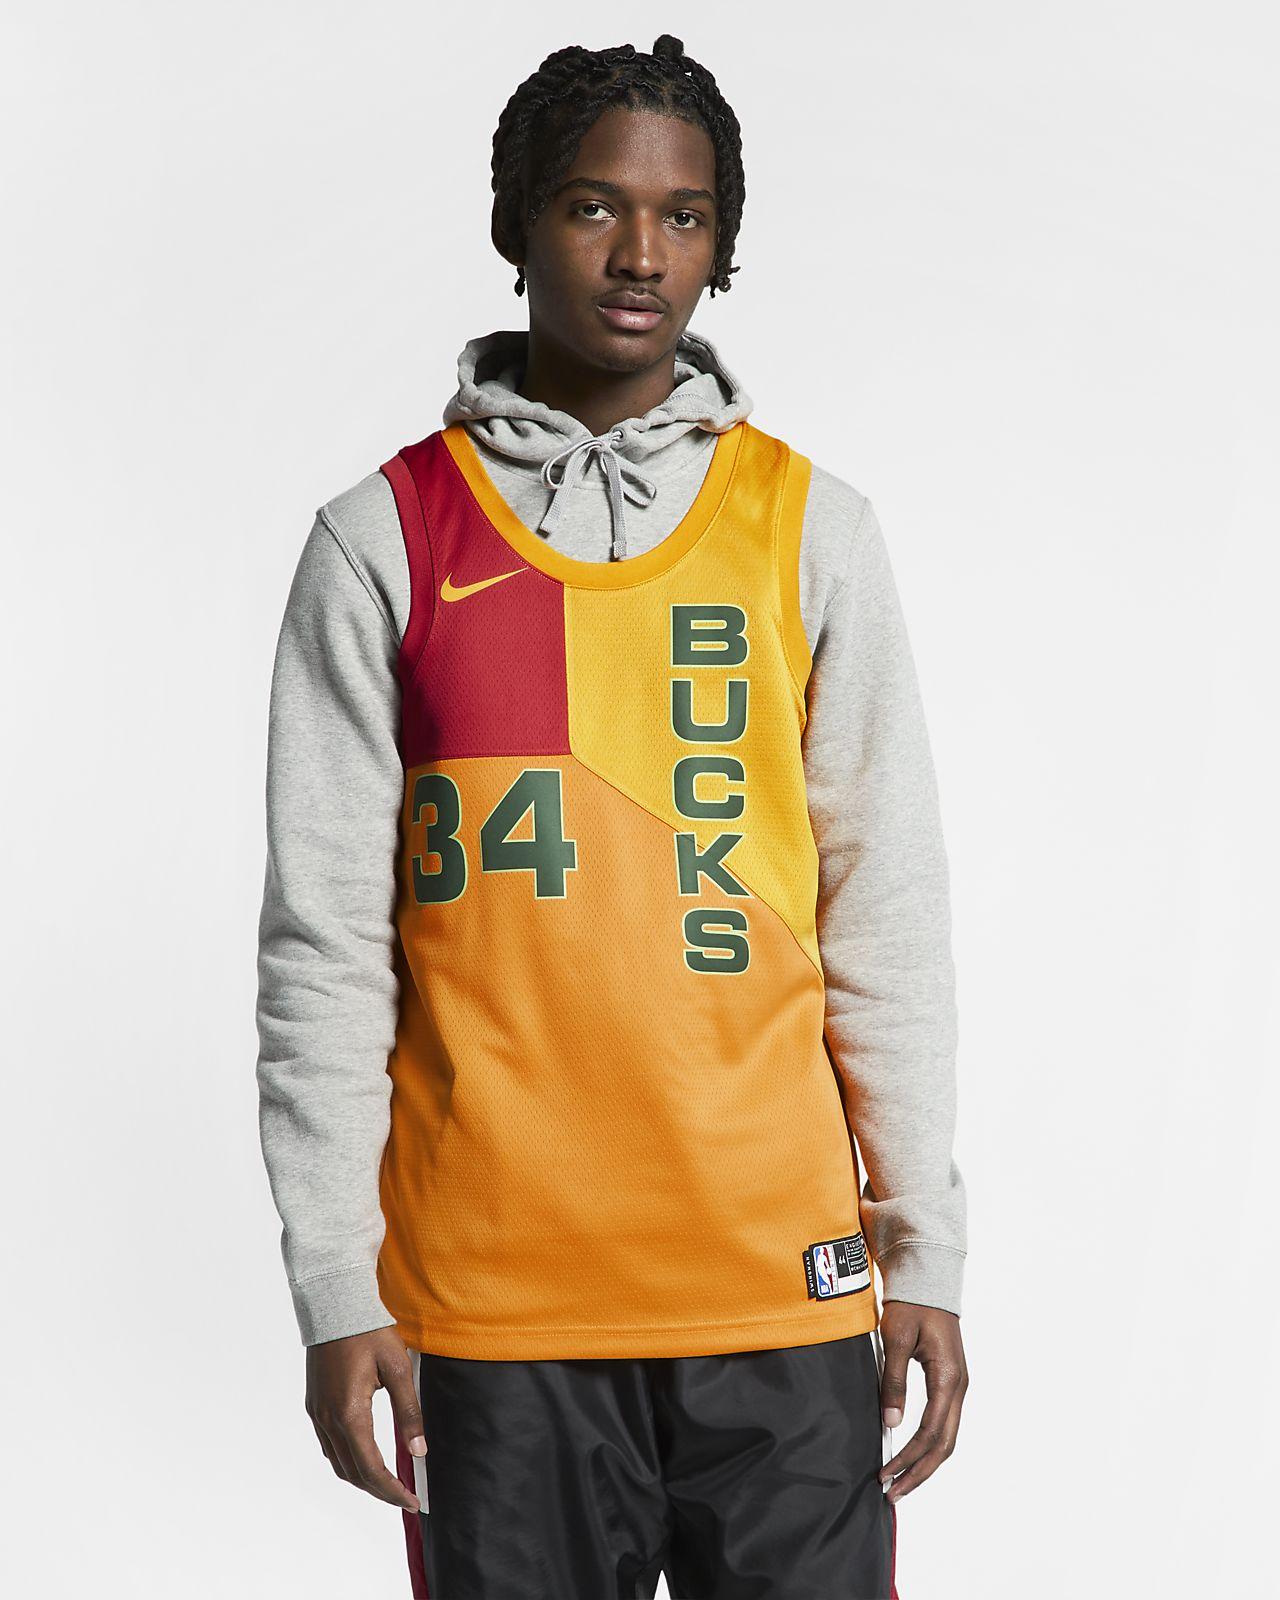 Camisola com ligação à NBA da Nike Giannis Antetokounmpo City Edition Swingman (Milwaukee Bucks) para homem